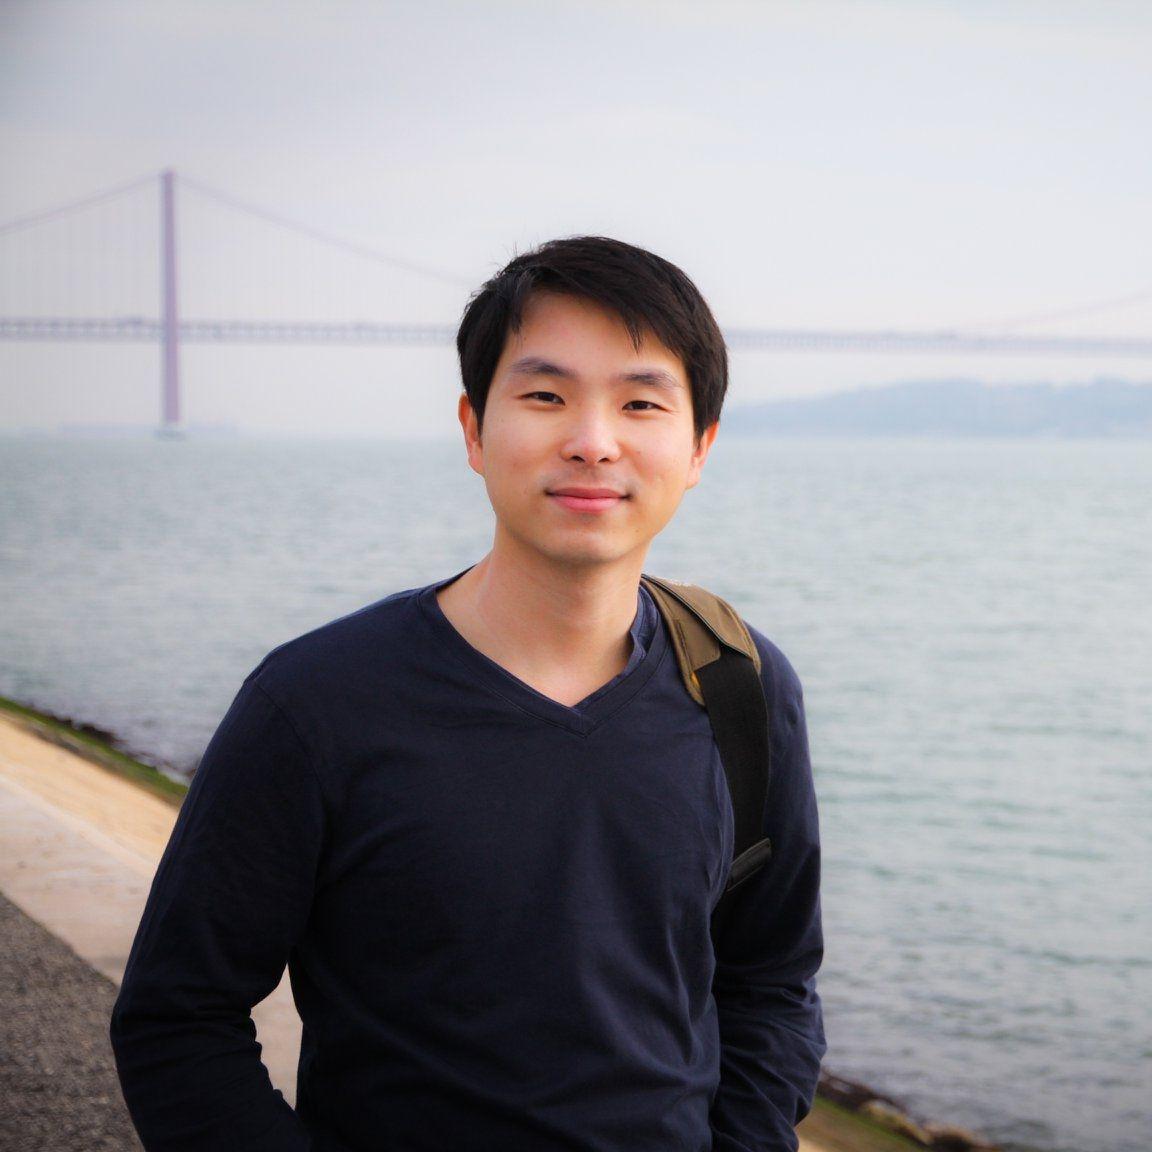 วรายุทธ เลิศกัลยาณวัตร (อดีต Software Development Engineer ที่ Amazon) | Skooldio Instructor